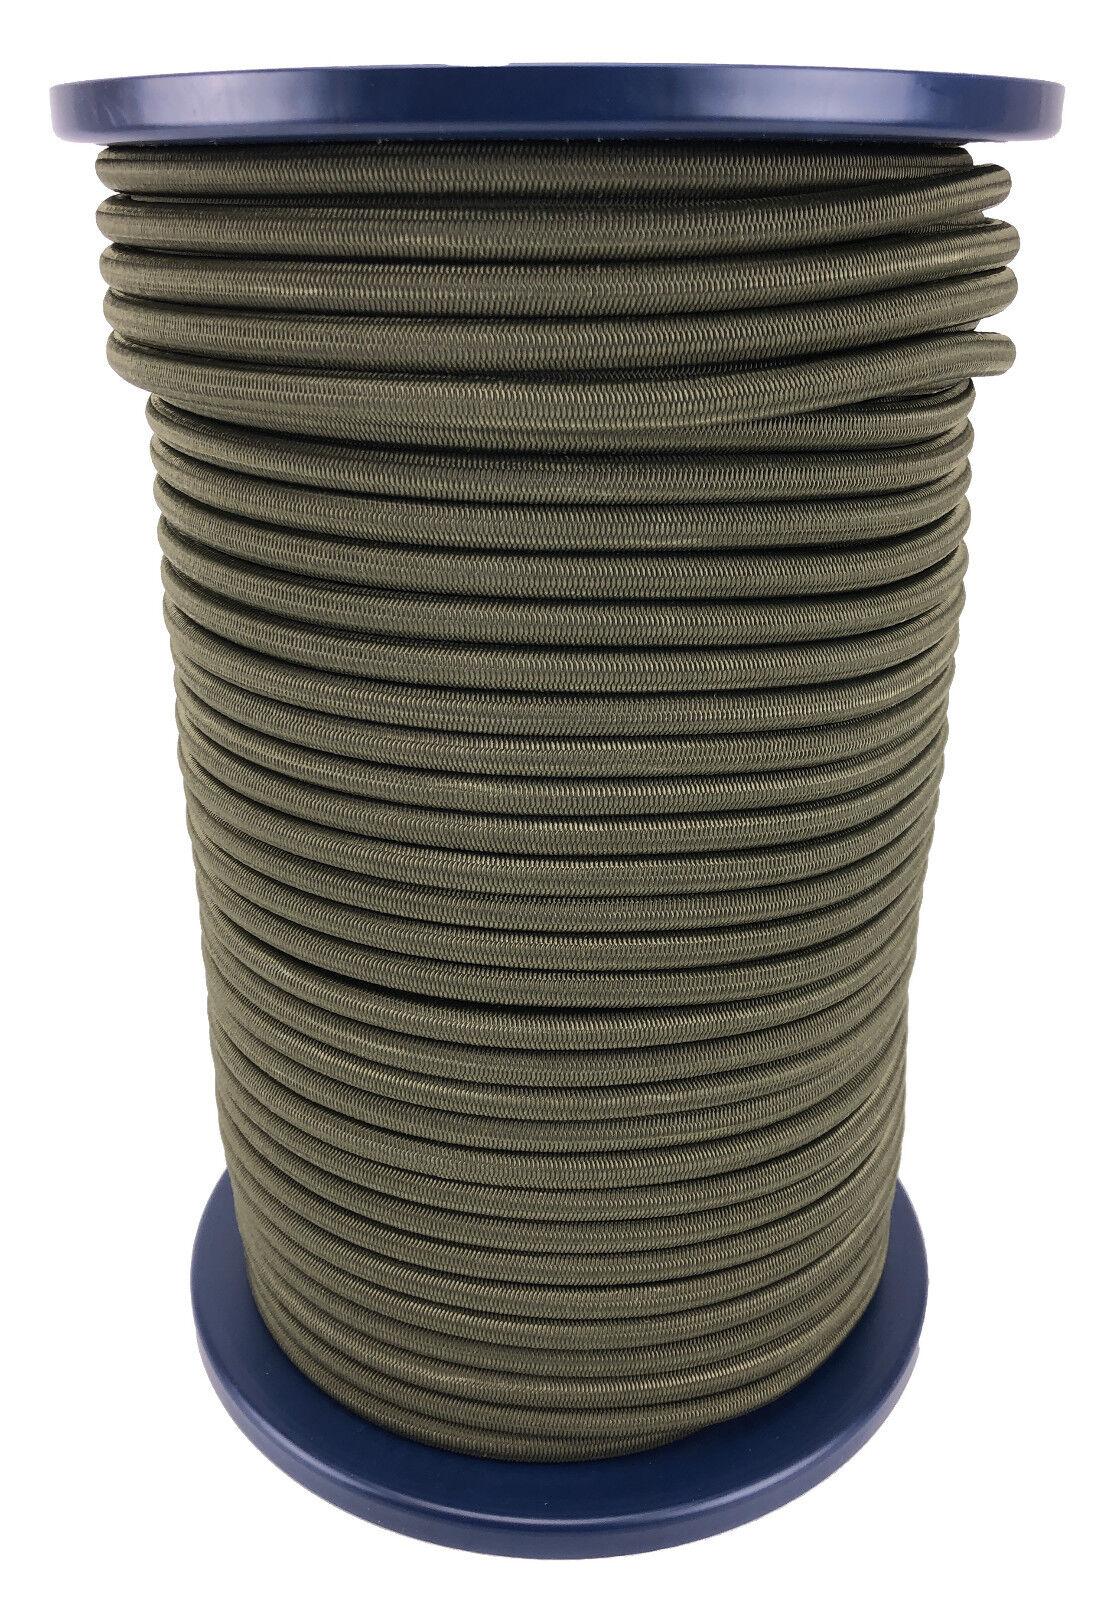 12mm Elastisch Gummiseil, Gummizug Seil, Fessel, Olivgrüner, Stabil, Heavy Duty